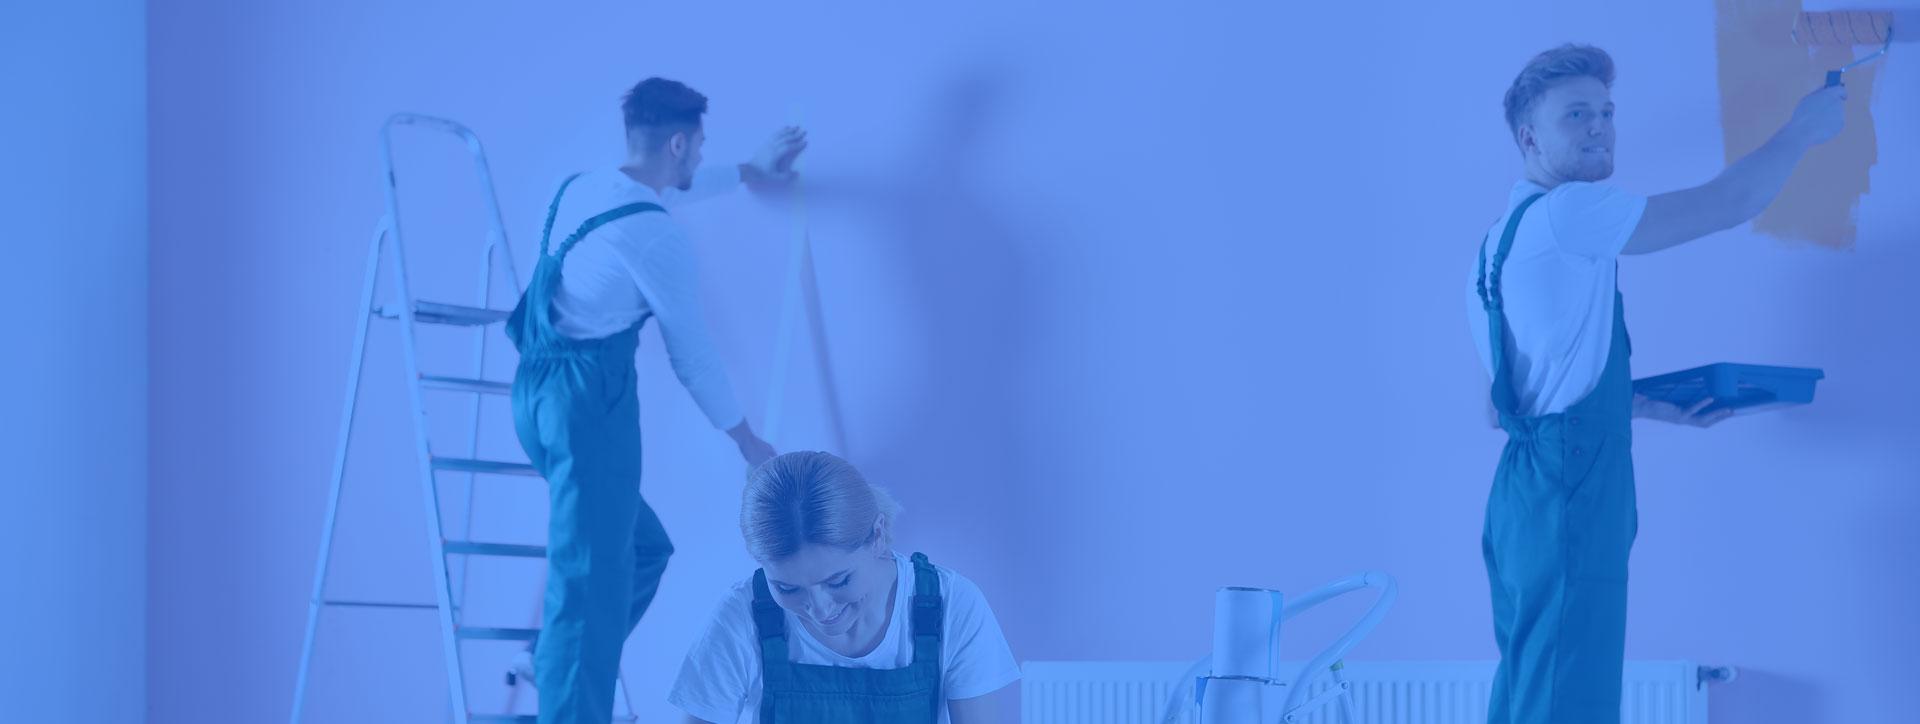 peinture aux murs et aux sols